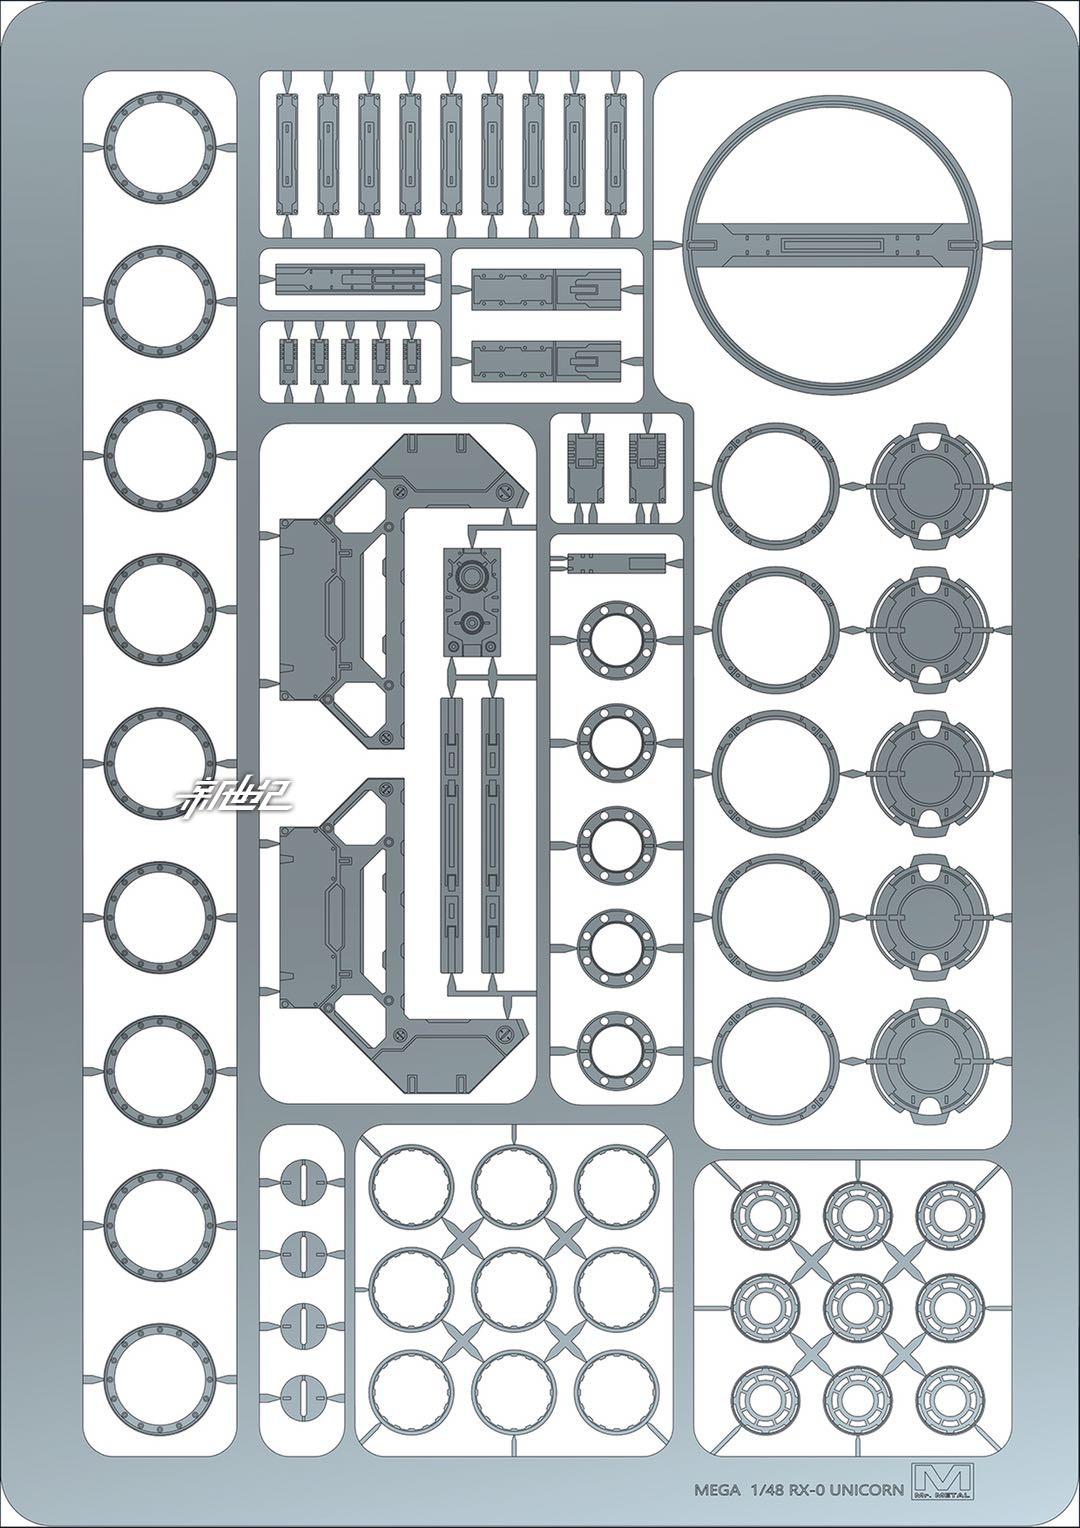 M149_Mr_METAL_mega_unicorn_metalparts_003.jpg